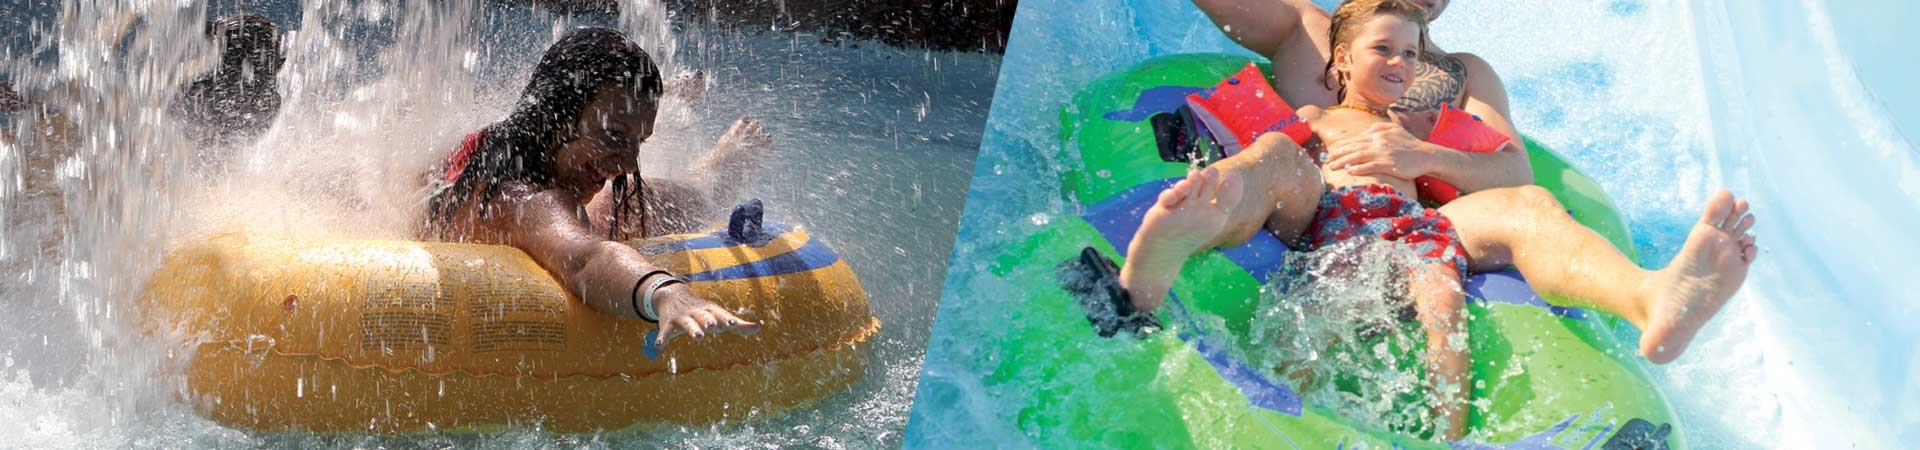 Birnenform & Lazyriver Reifen für Wasserpark